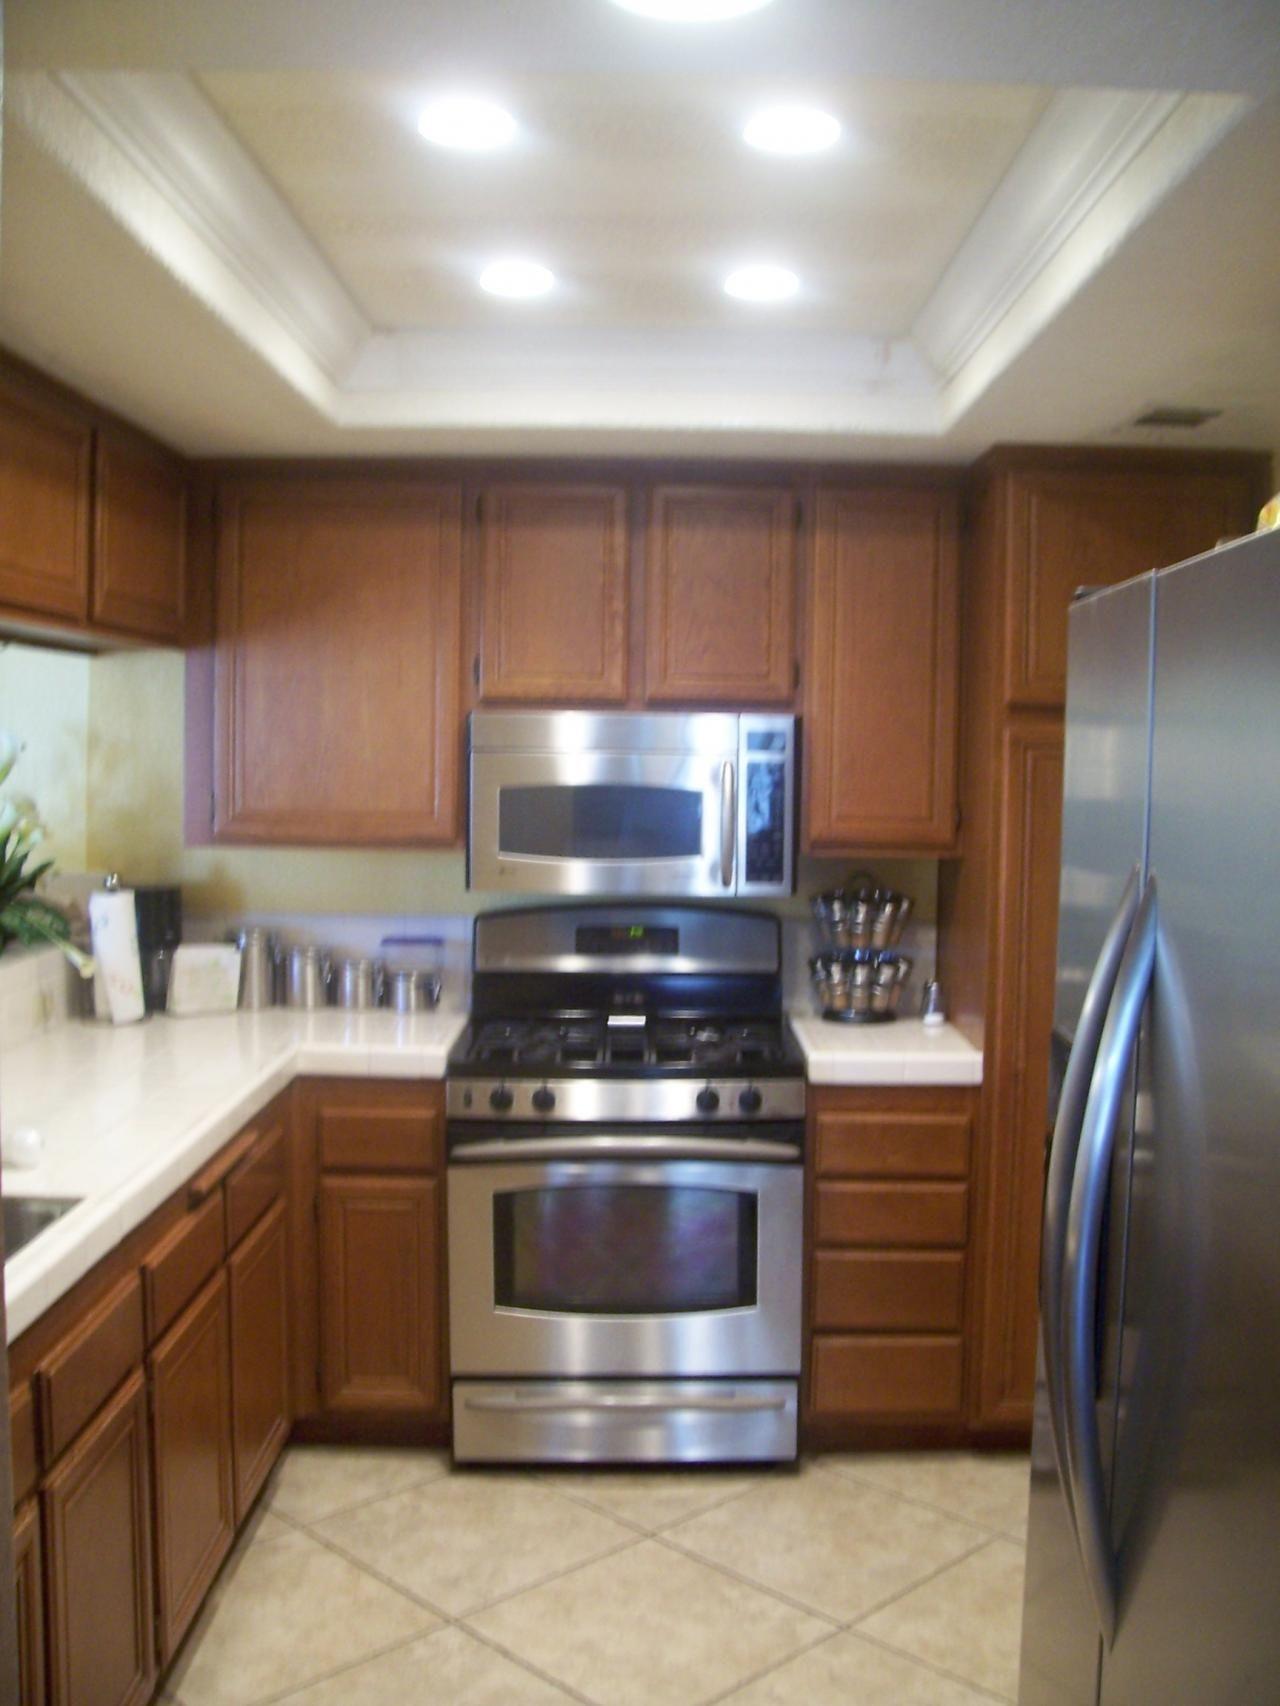 Best Led Lights For Kitchen Ceiling Kitchen Lighting Remodel